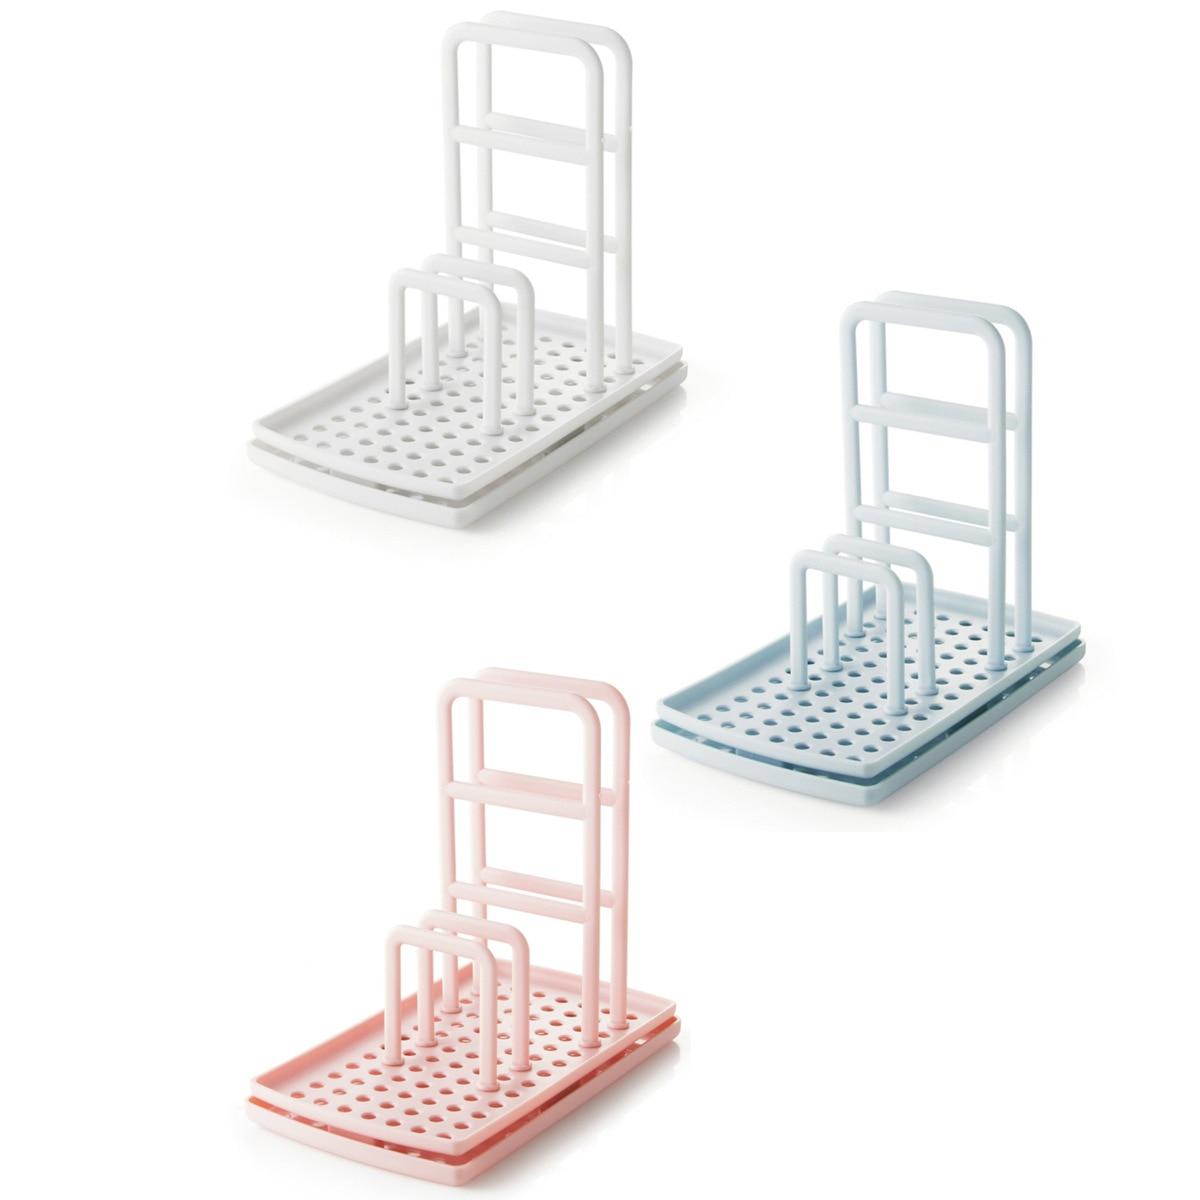 Купить 2021 кухонный стол тряпичная стойка многофункциональная посуда